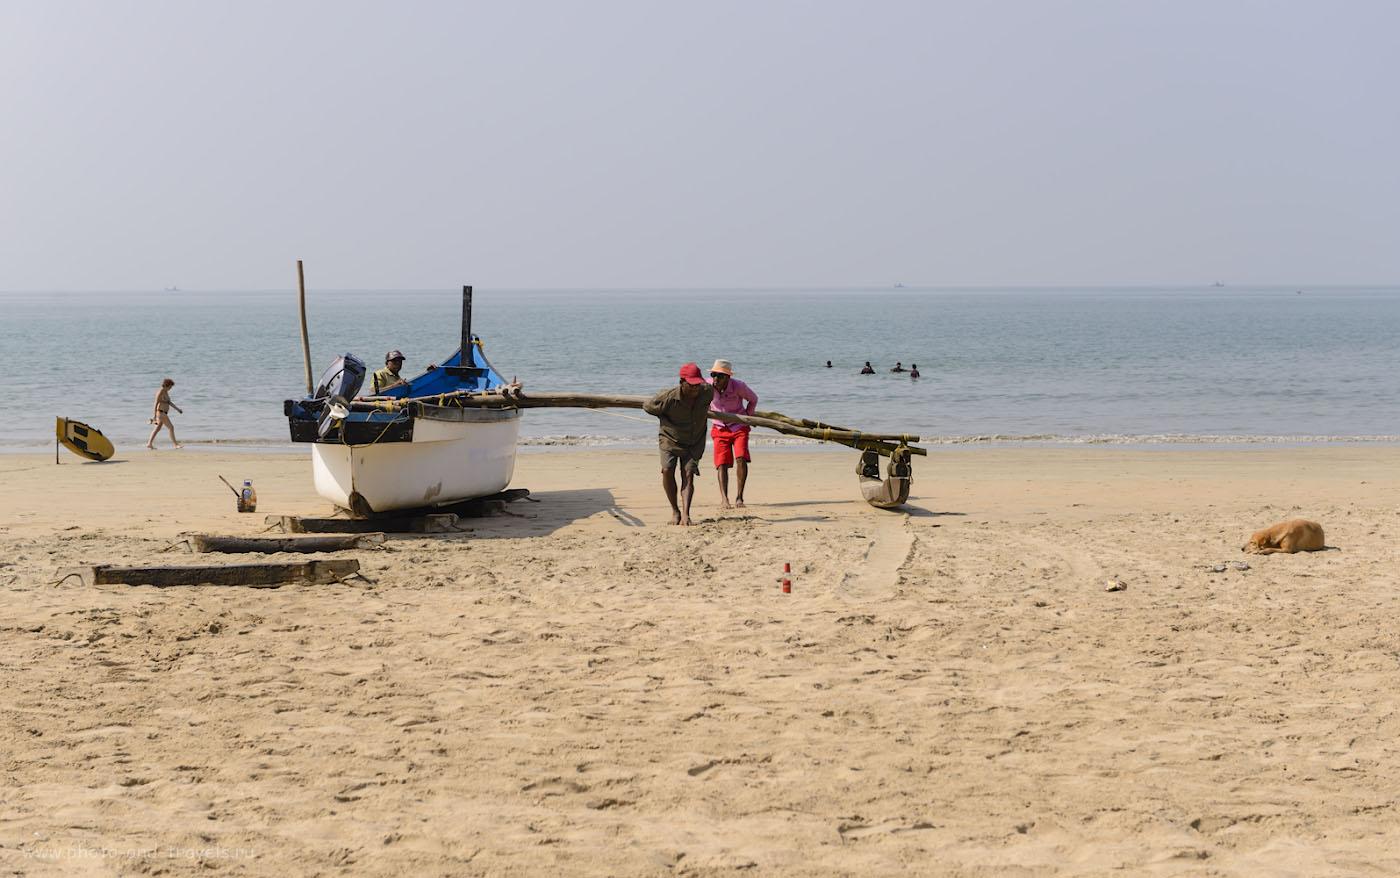 Фотография 26. Рыбаки, собака, индийские отпускники и «нагая» женщина на пляже Палолем. Минусы отдыха в Гоа. 1/640, 6.3, 100, 60.